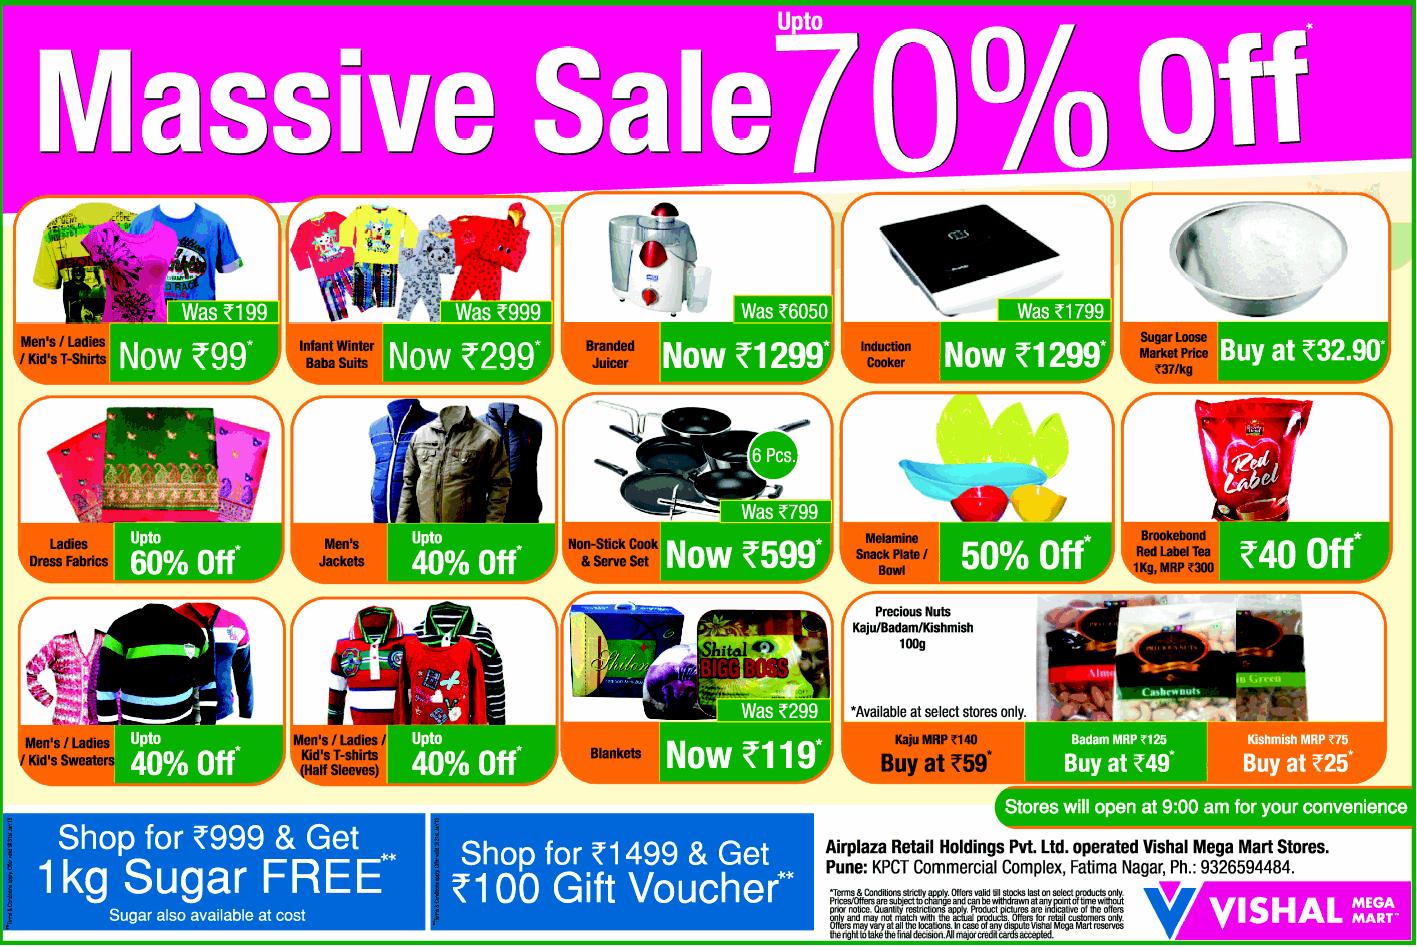 45f322412 Vishal Megamart sale 70% off Best Online Fashion Stores, Online Shopping  Sites, Online